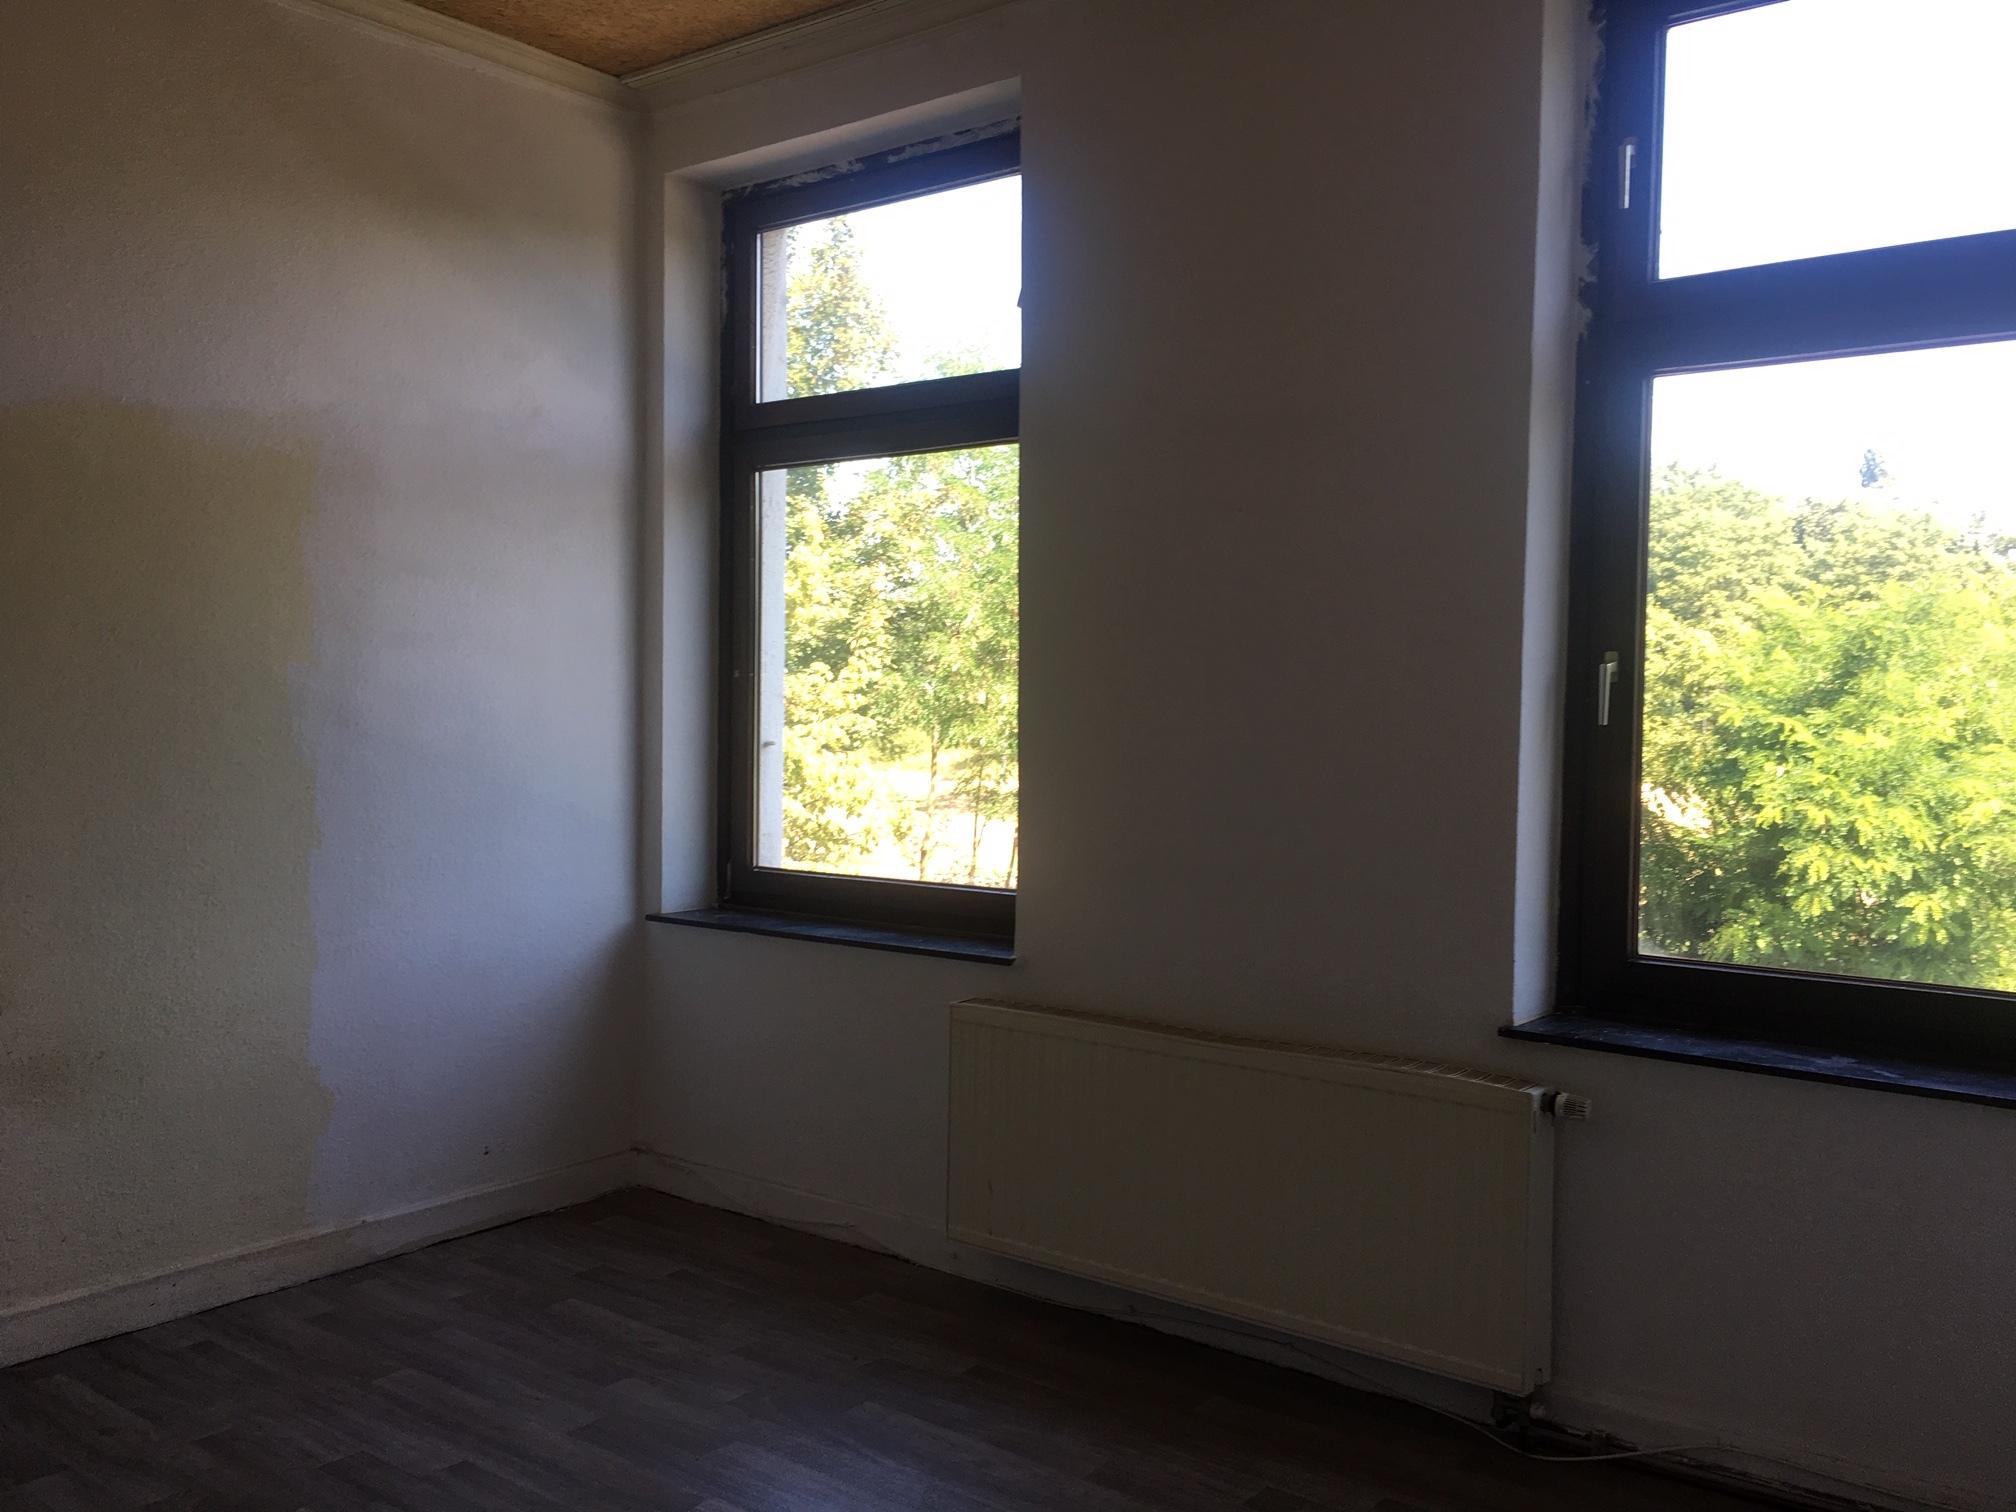 3 Bed Apartment At Werstener Dorfstrasse 7 40591 Dusseldorf